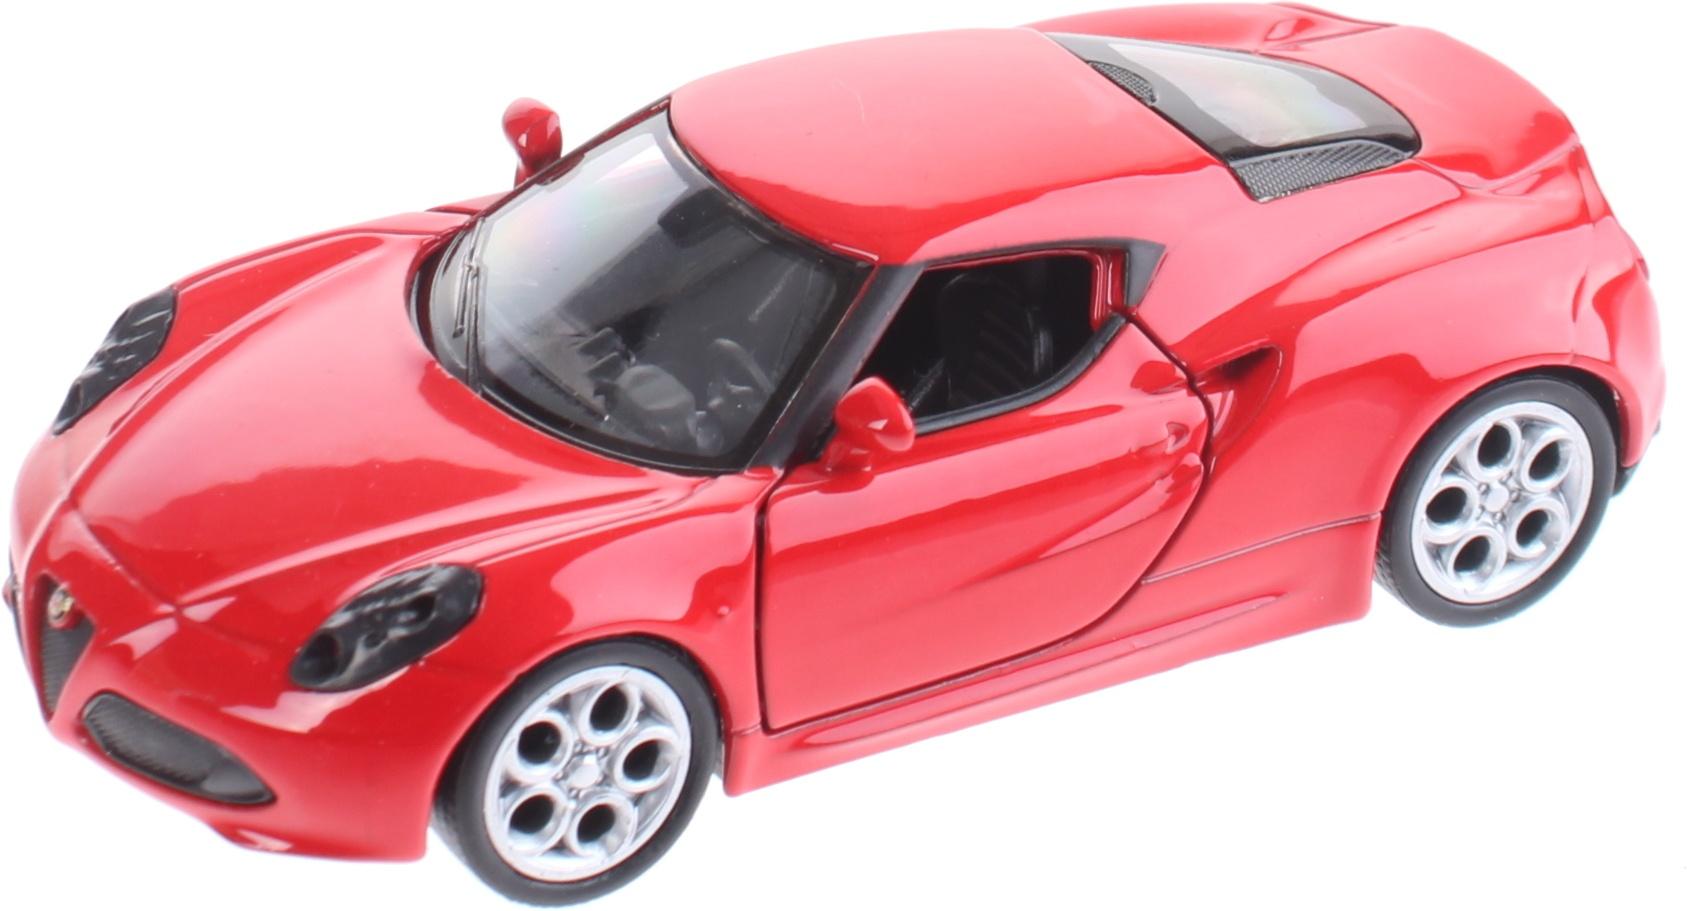 Alfa Romeo 4C >> Miniature Alfa Romeo 4c Red